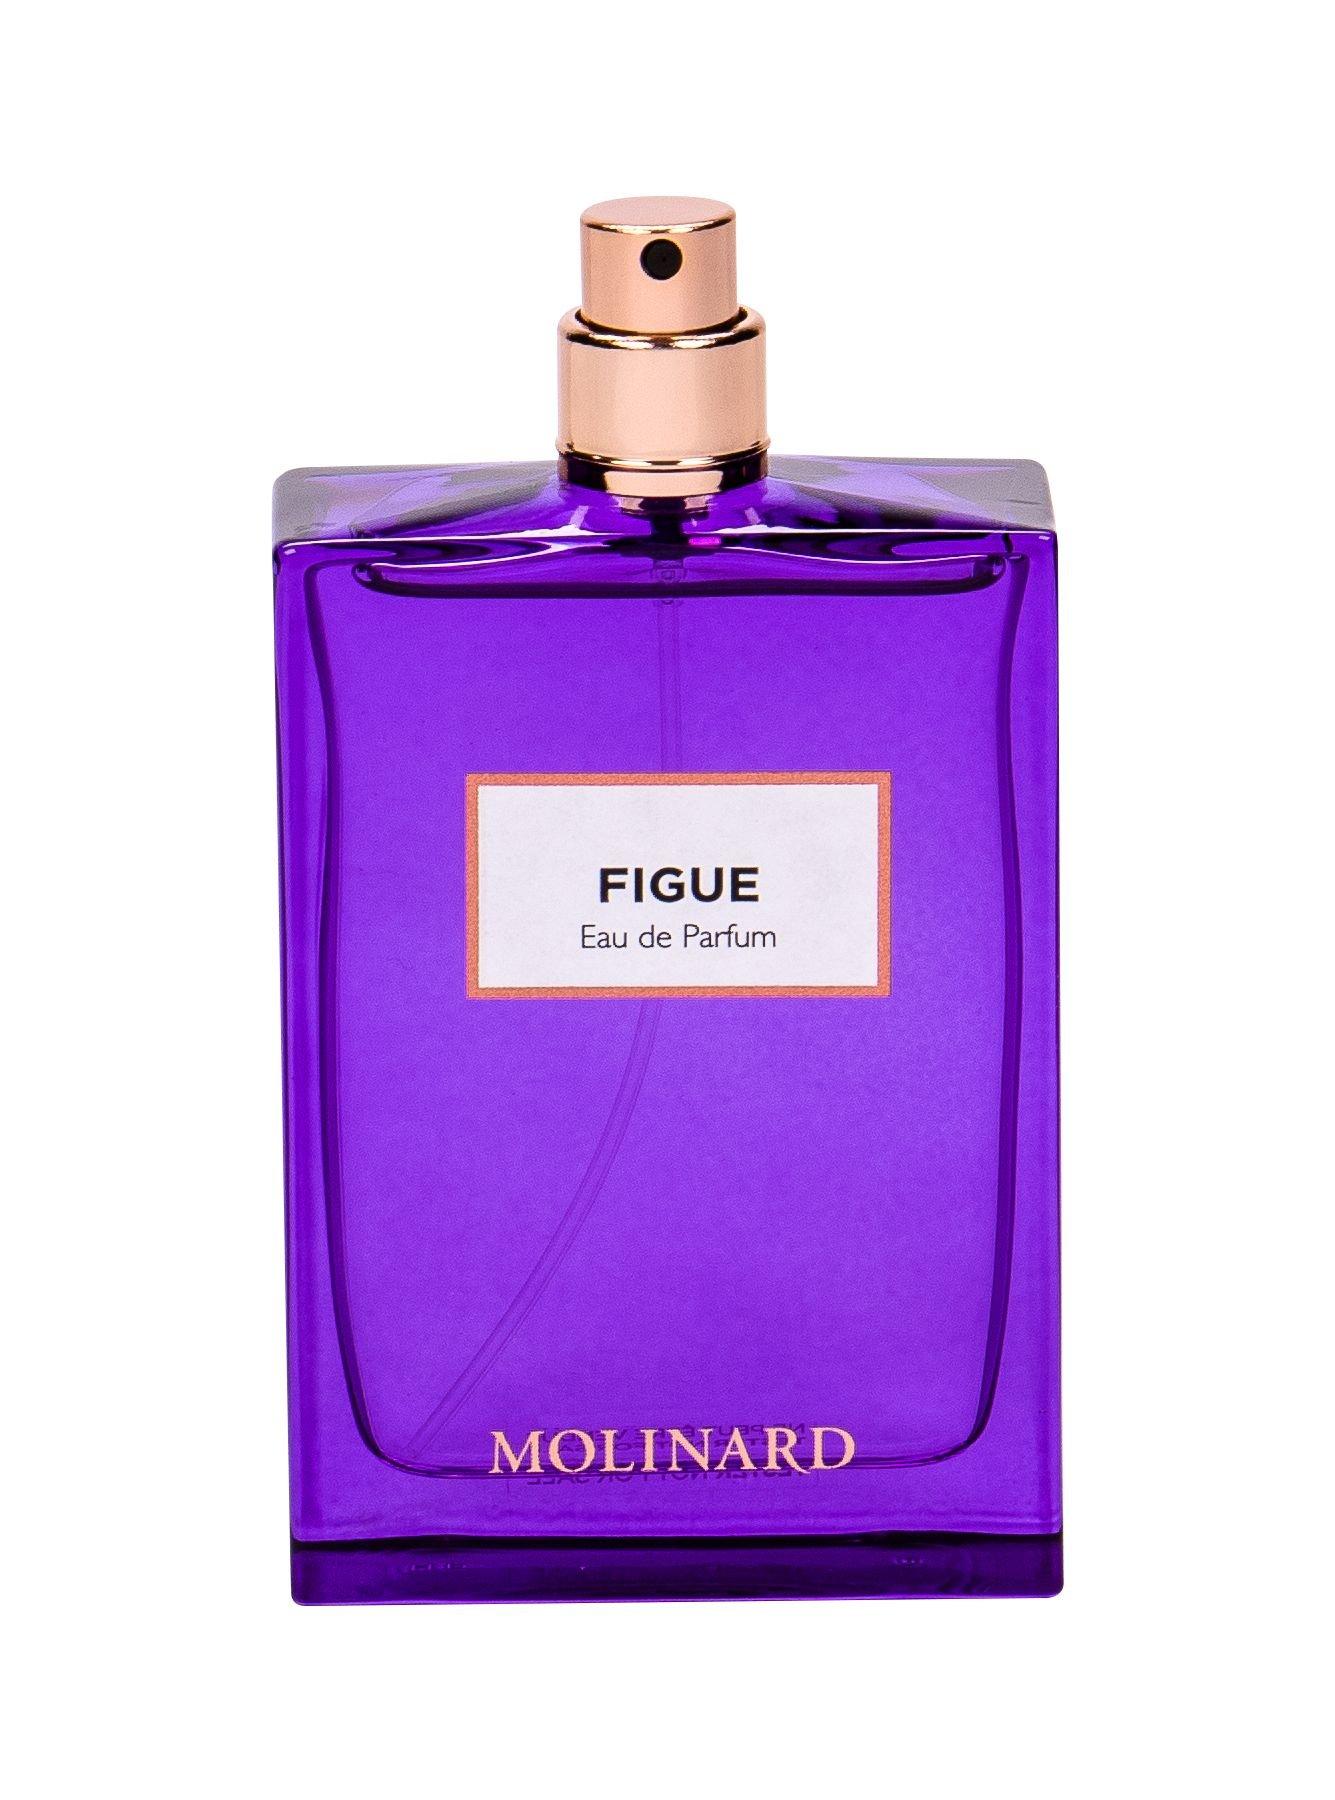 Molinard Les Elements Collection Eau de Parfum 75ml  Figue